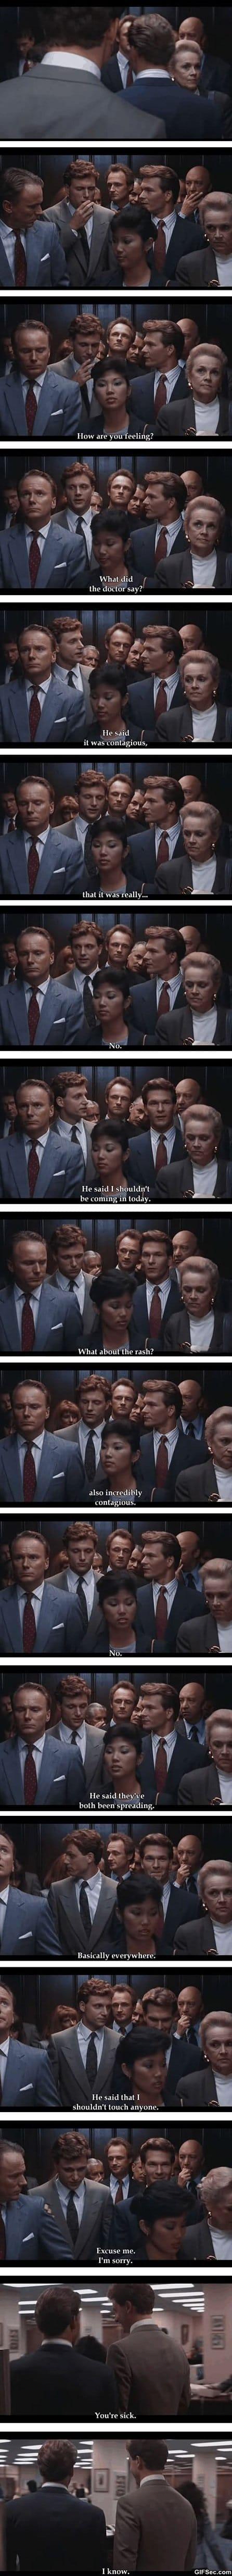 funny-fun-in-the-elevator